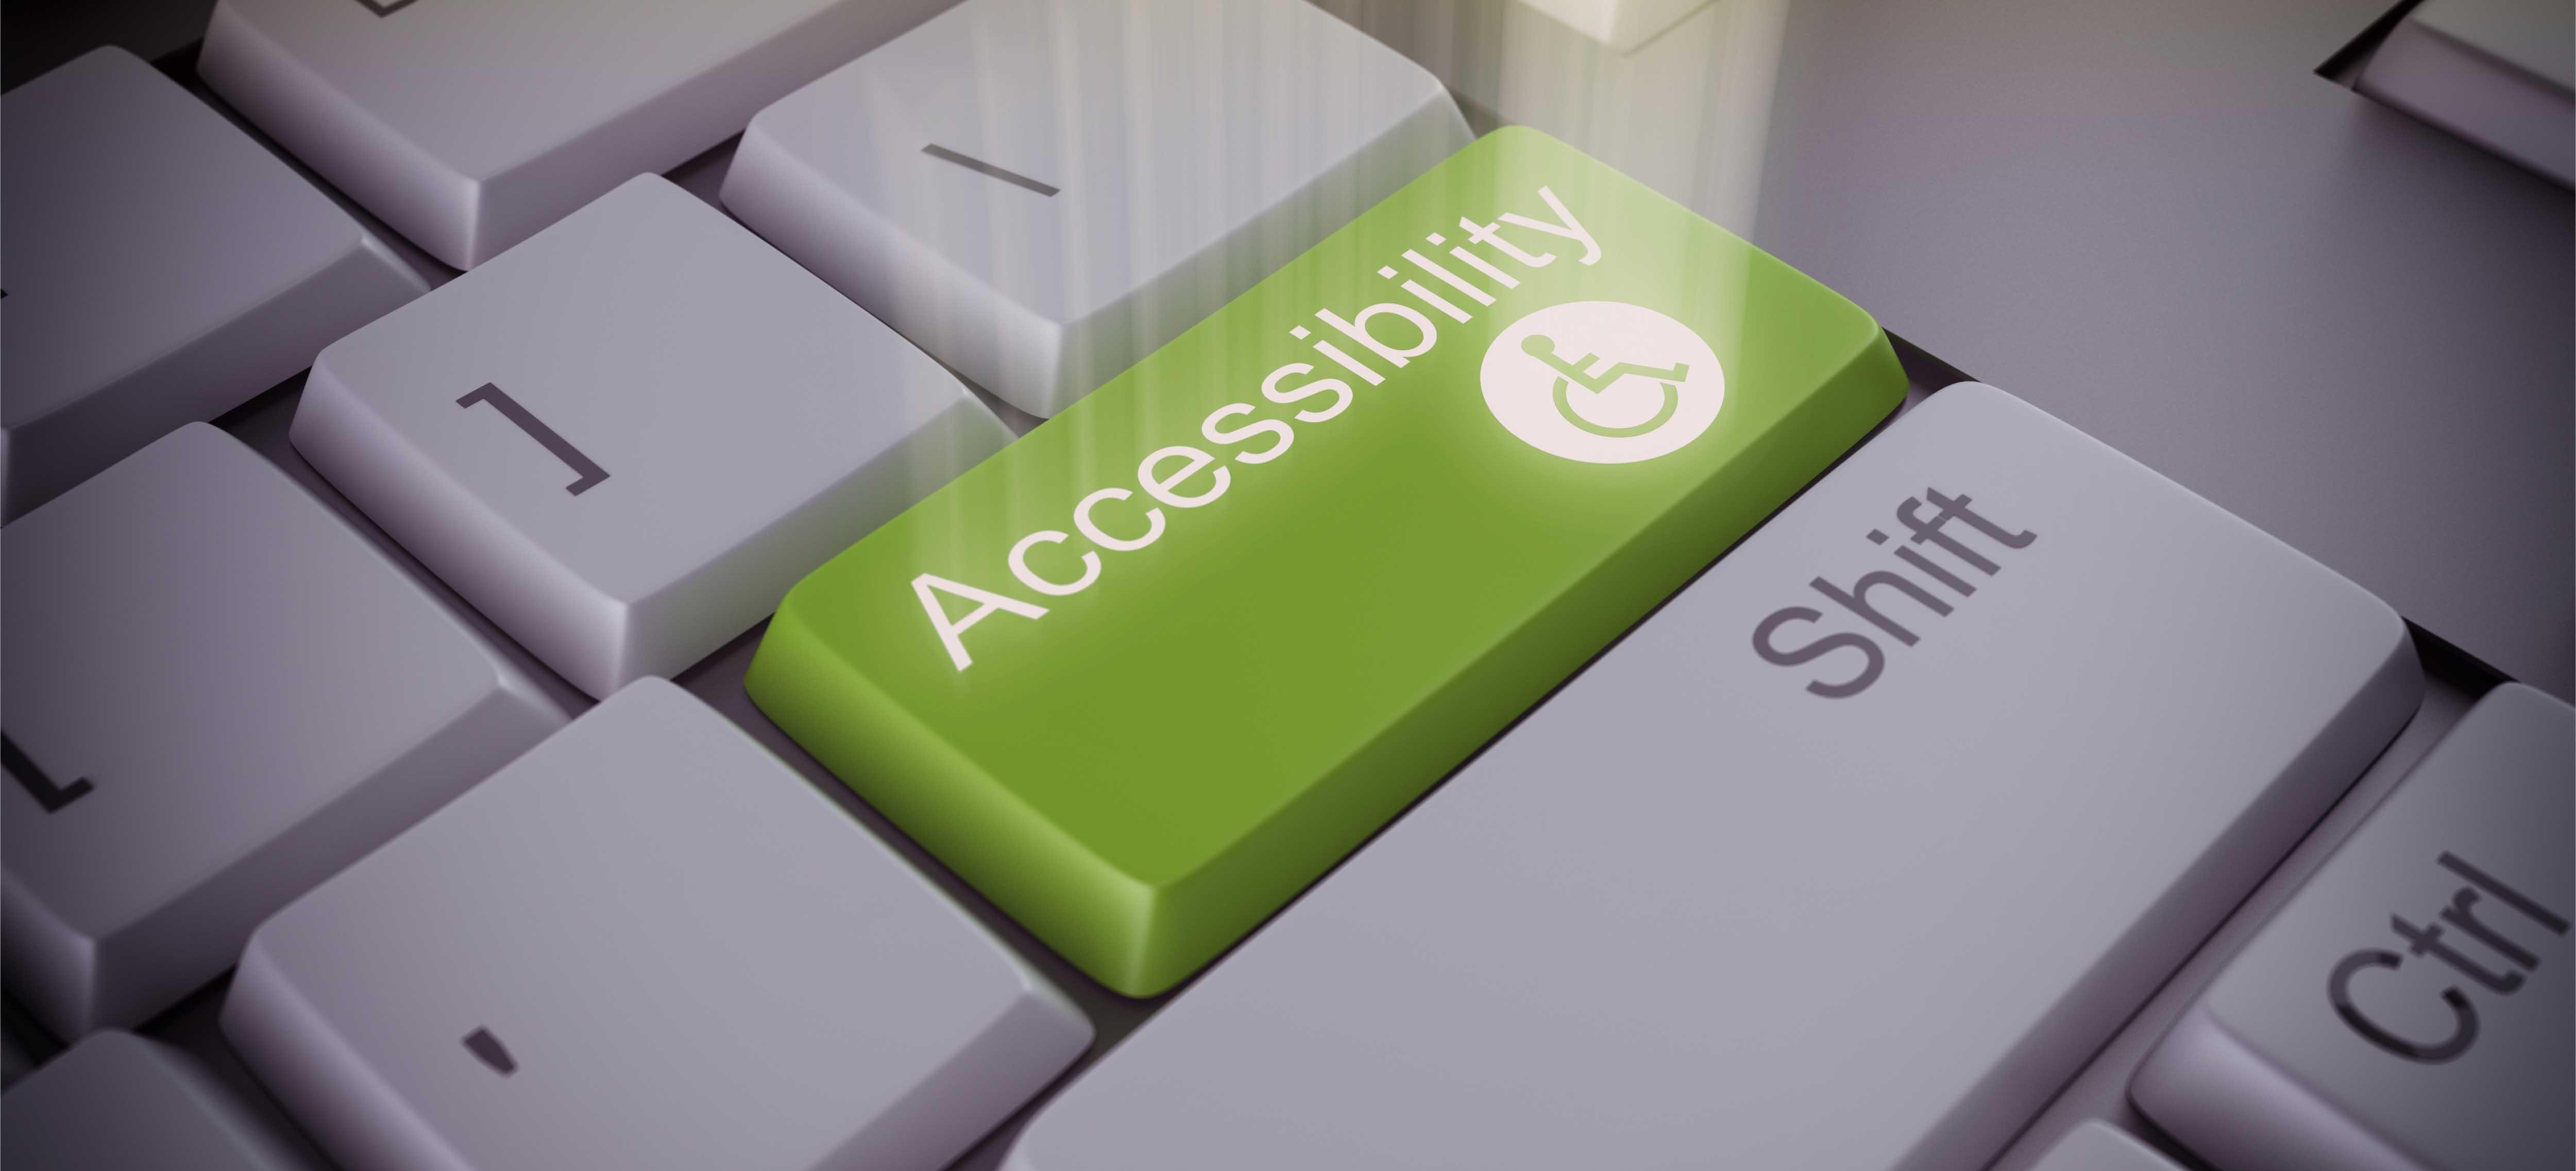 un'Agenda Digitale per l'accessibilità